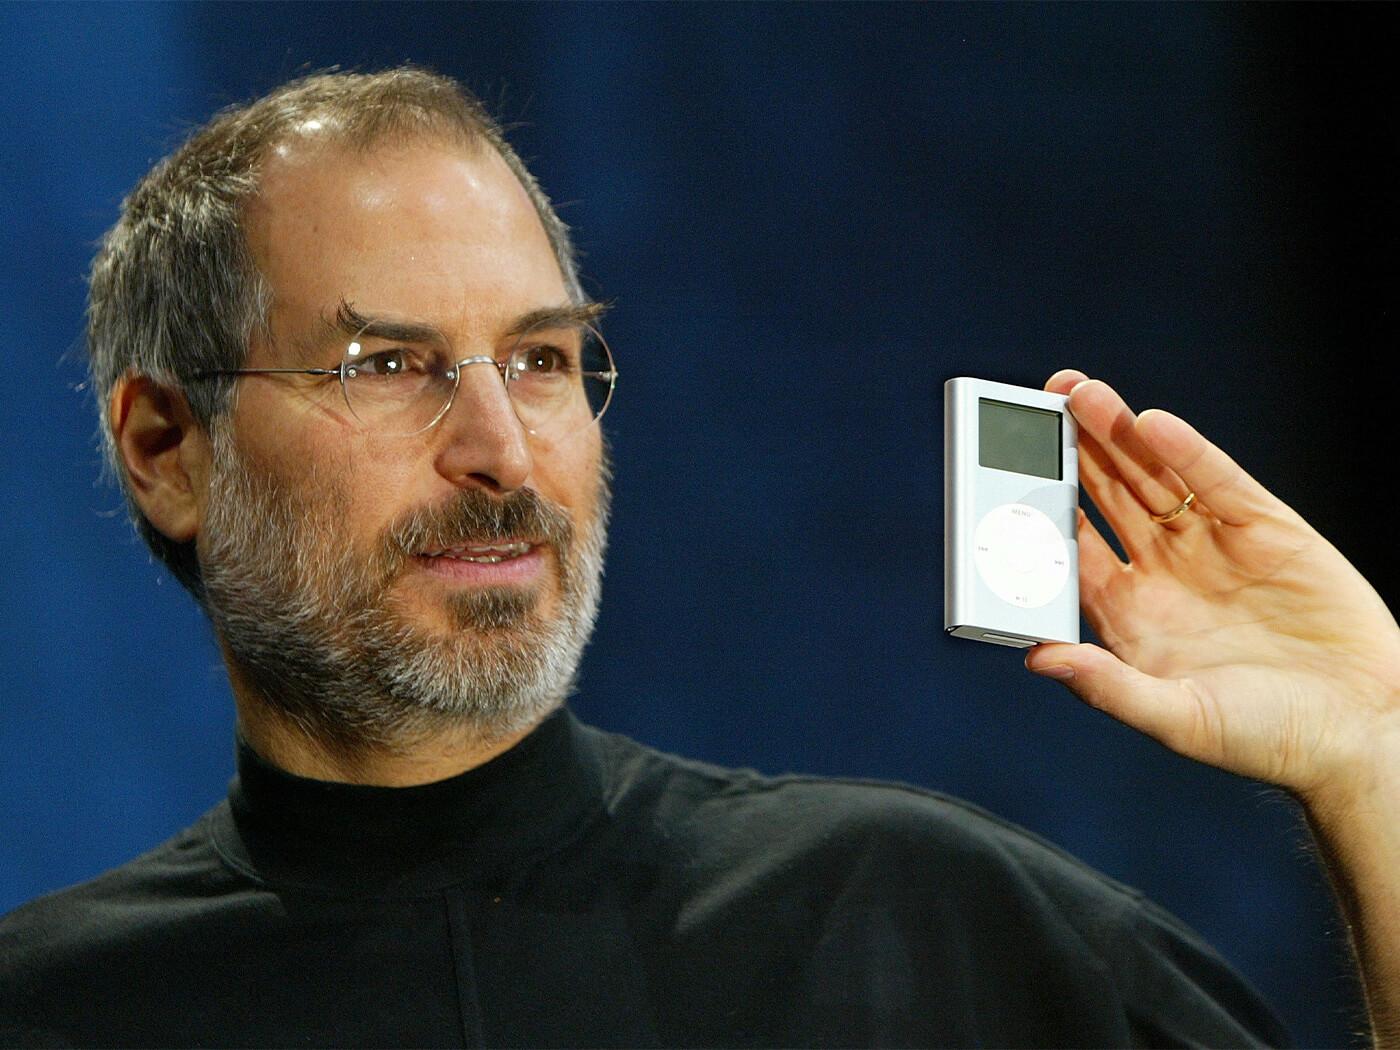 Steve Jobs iPod Mini 2004